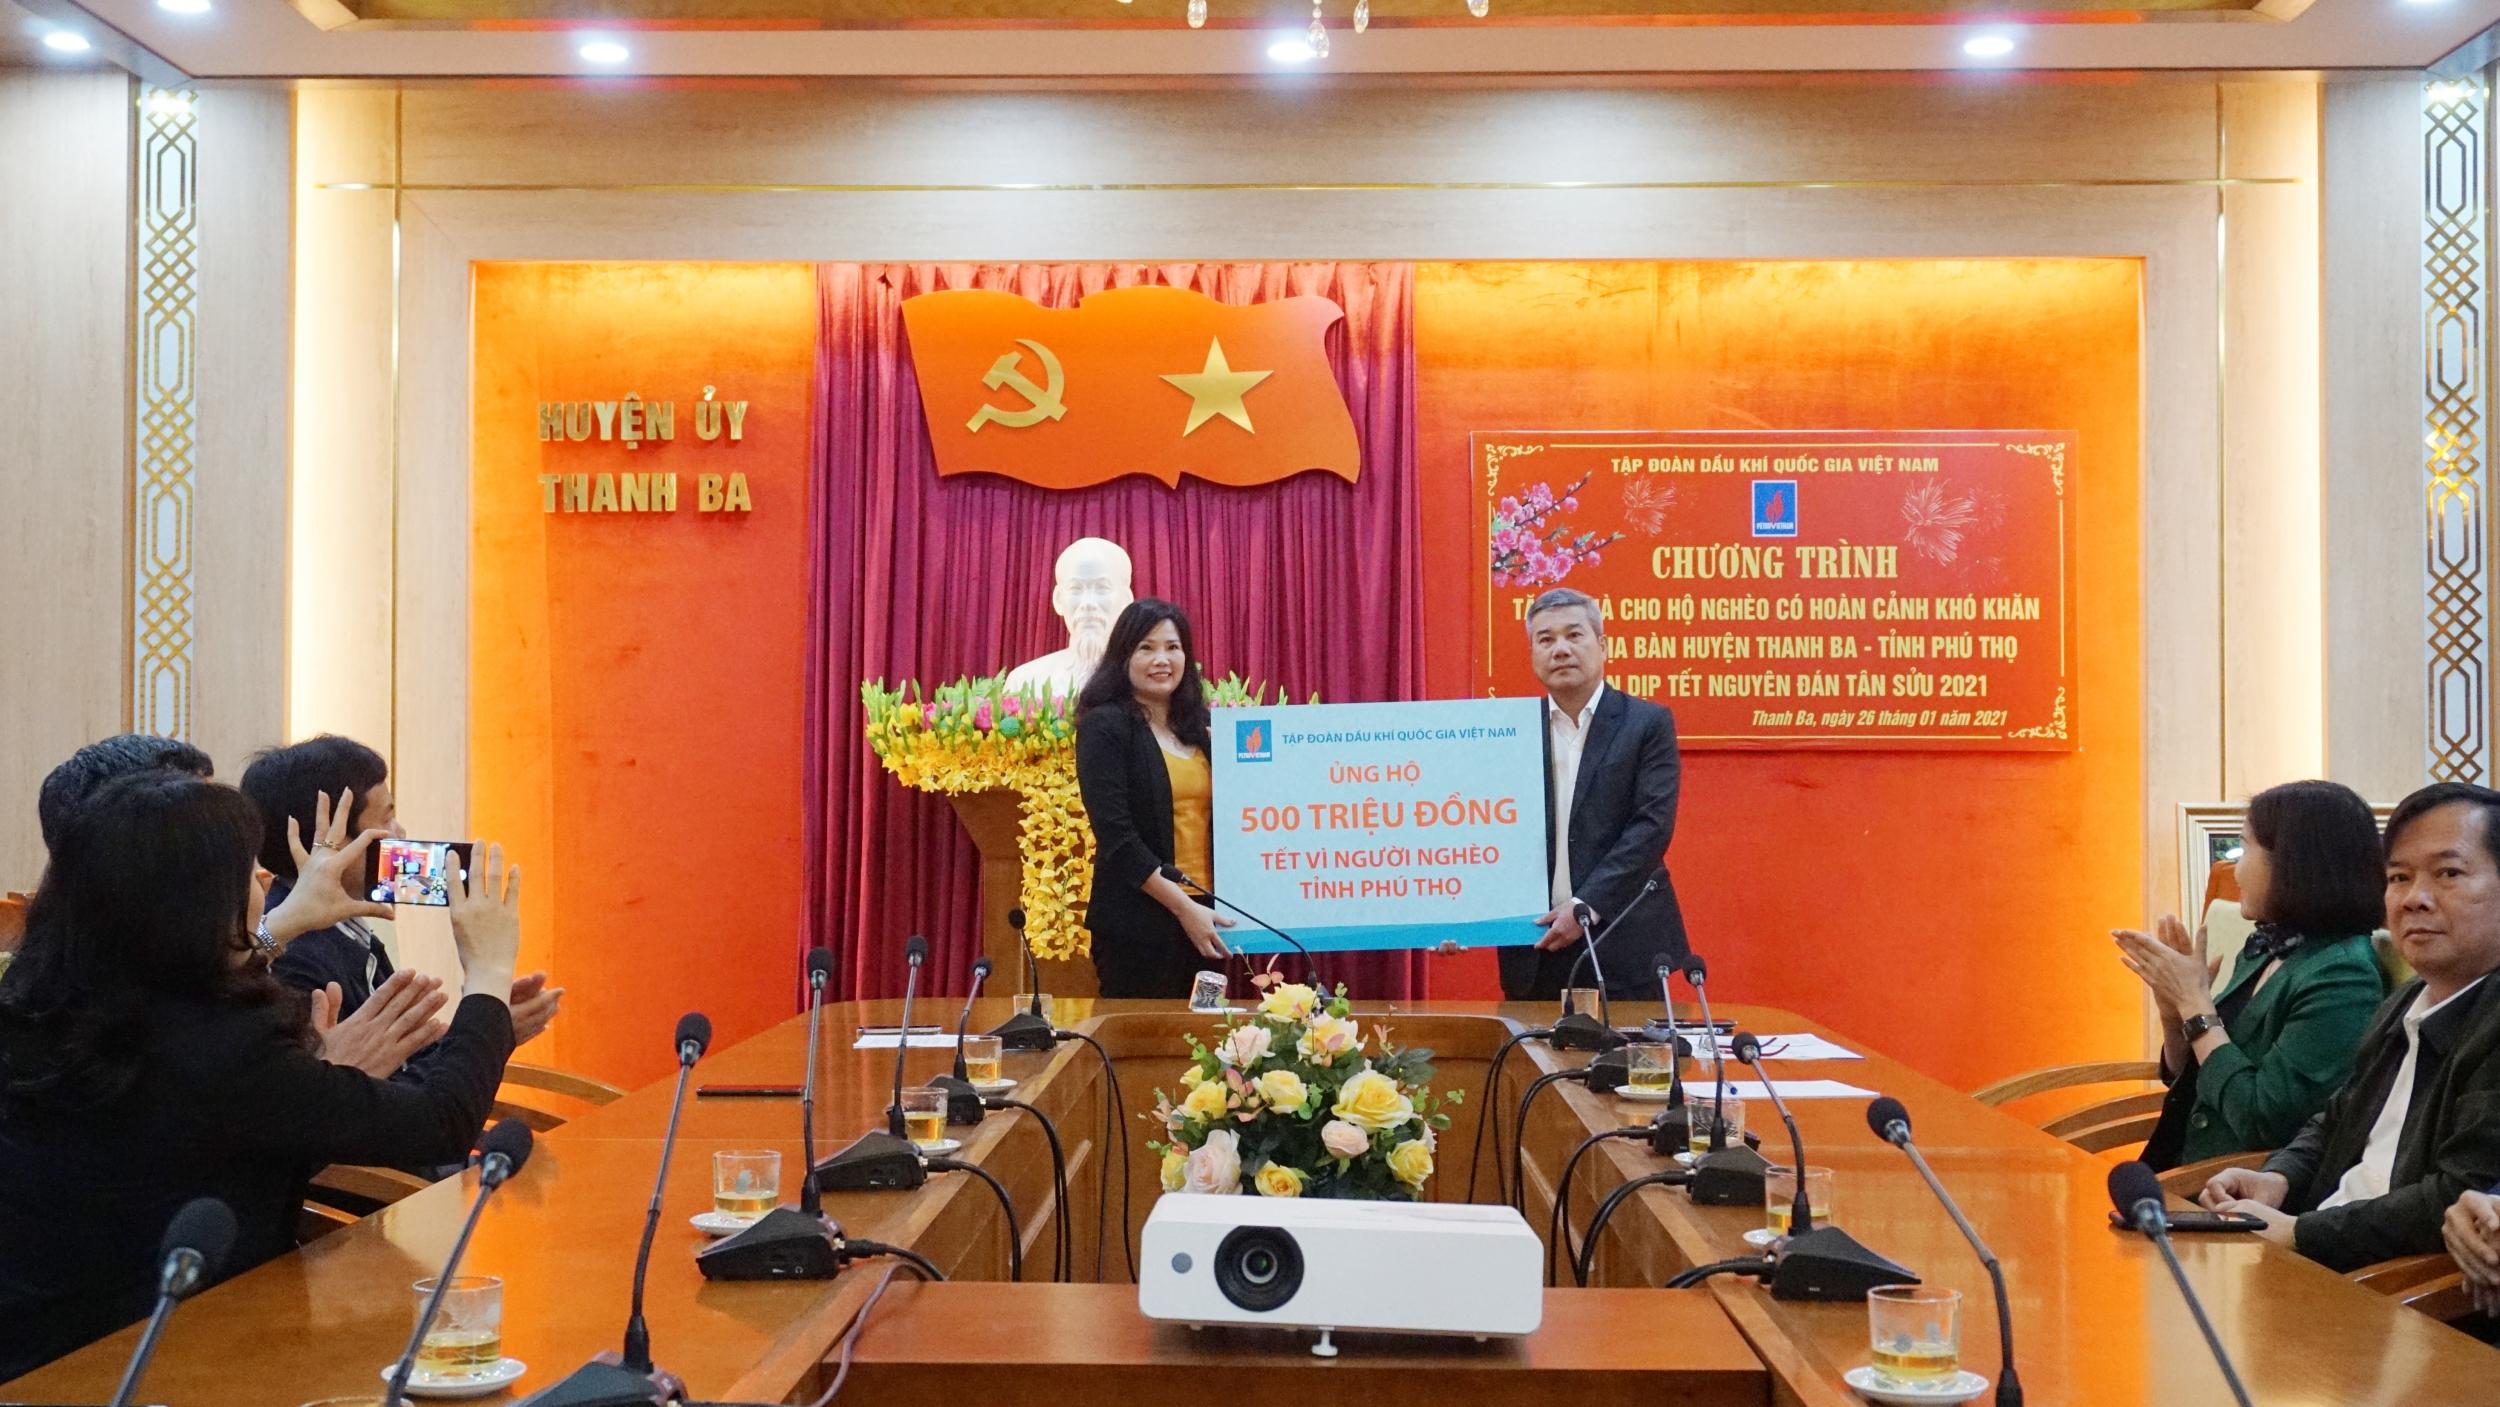 Petrovietnam chung tay hỗ trợ chương trình Tết vì người nghèo tại Phú Thọ